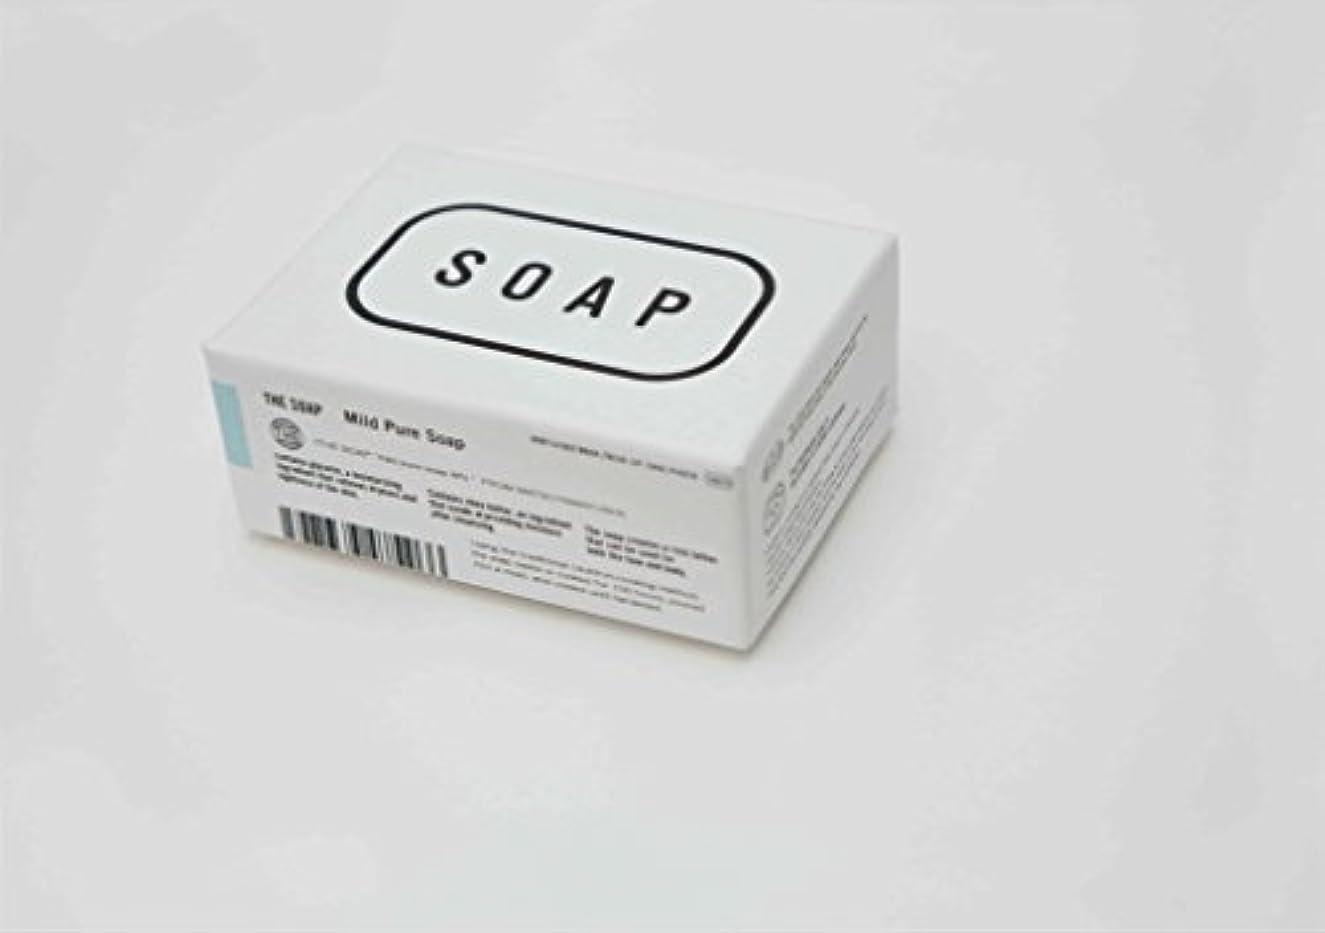 カラスうまくやる()通信網THE(ザ) THE SOAP 赤ちゃんの顔や髪にまで使える釜焚き枠練りせっけん 1304-0078-200-00